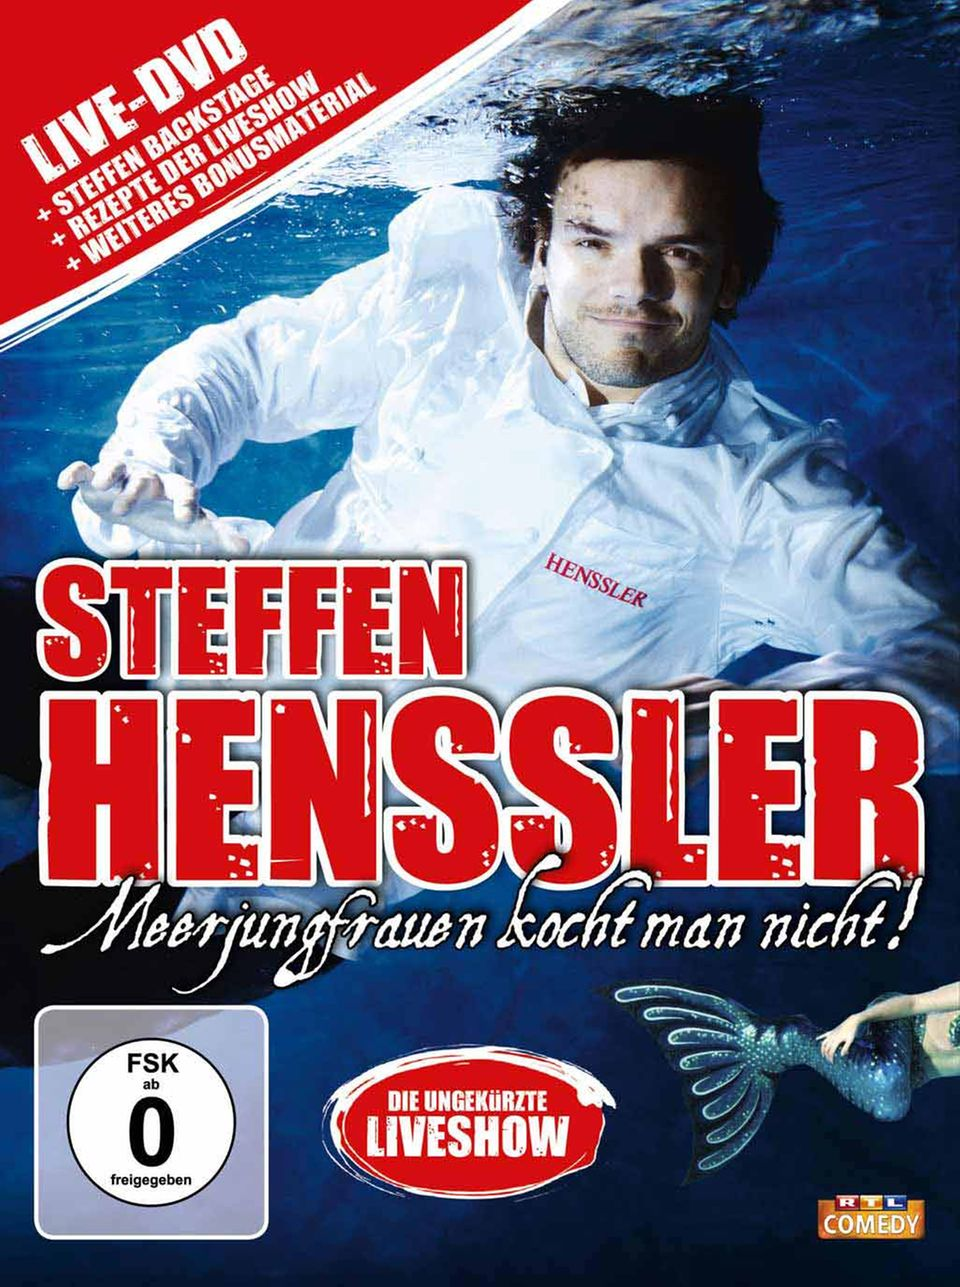 Meerjungfrauen kocht man nicht - Steffen Hensslers Bühnenprogramm auf DVD